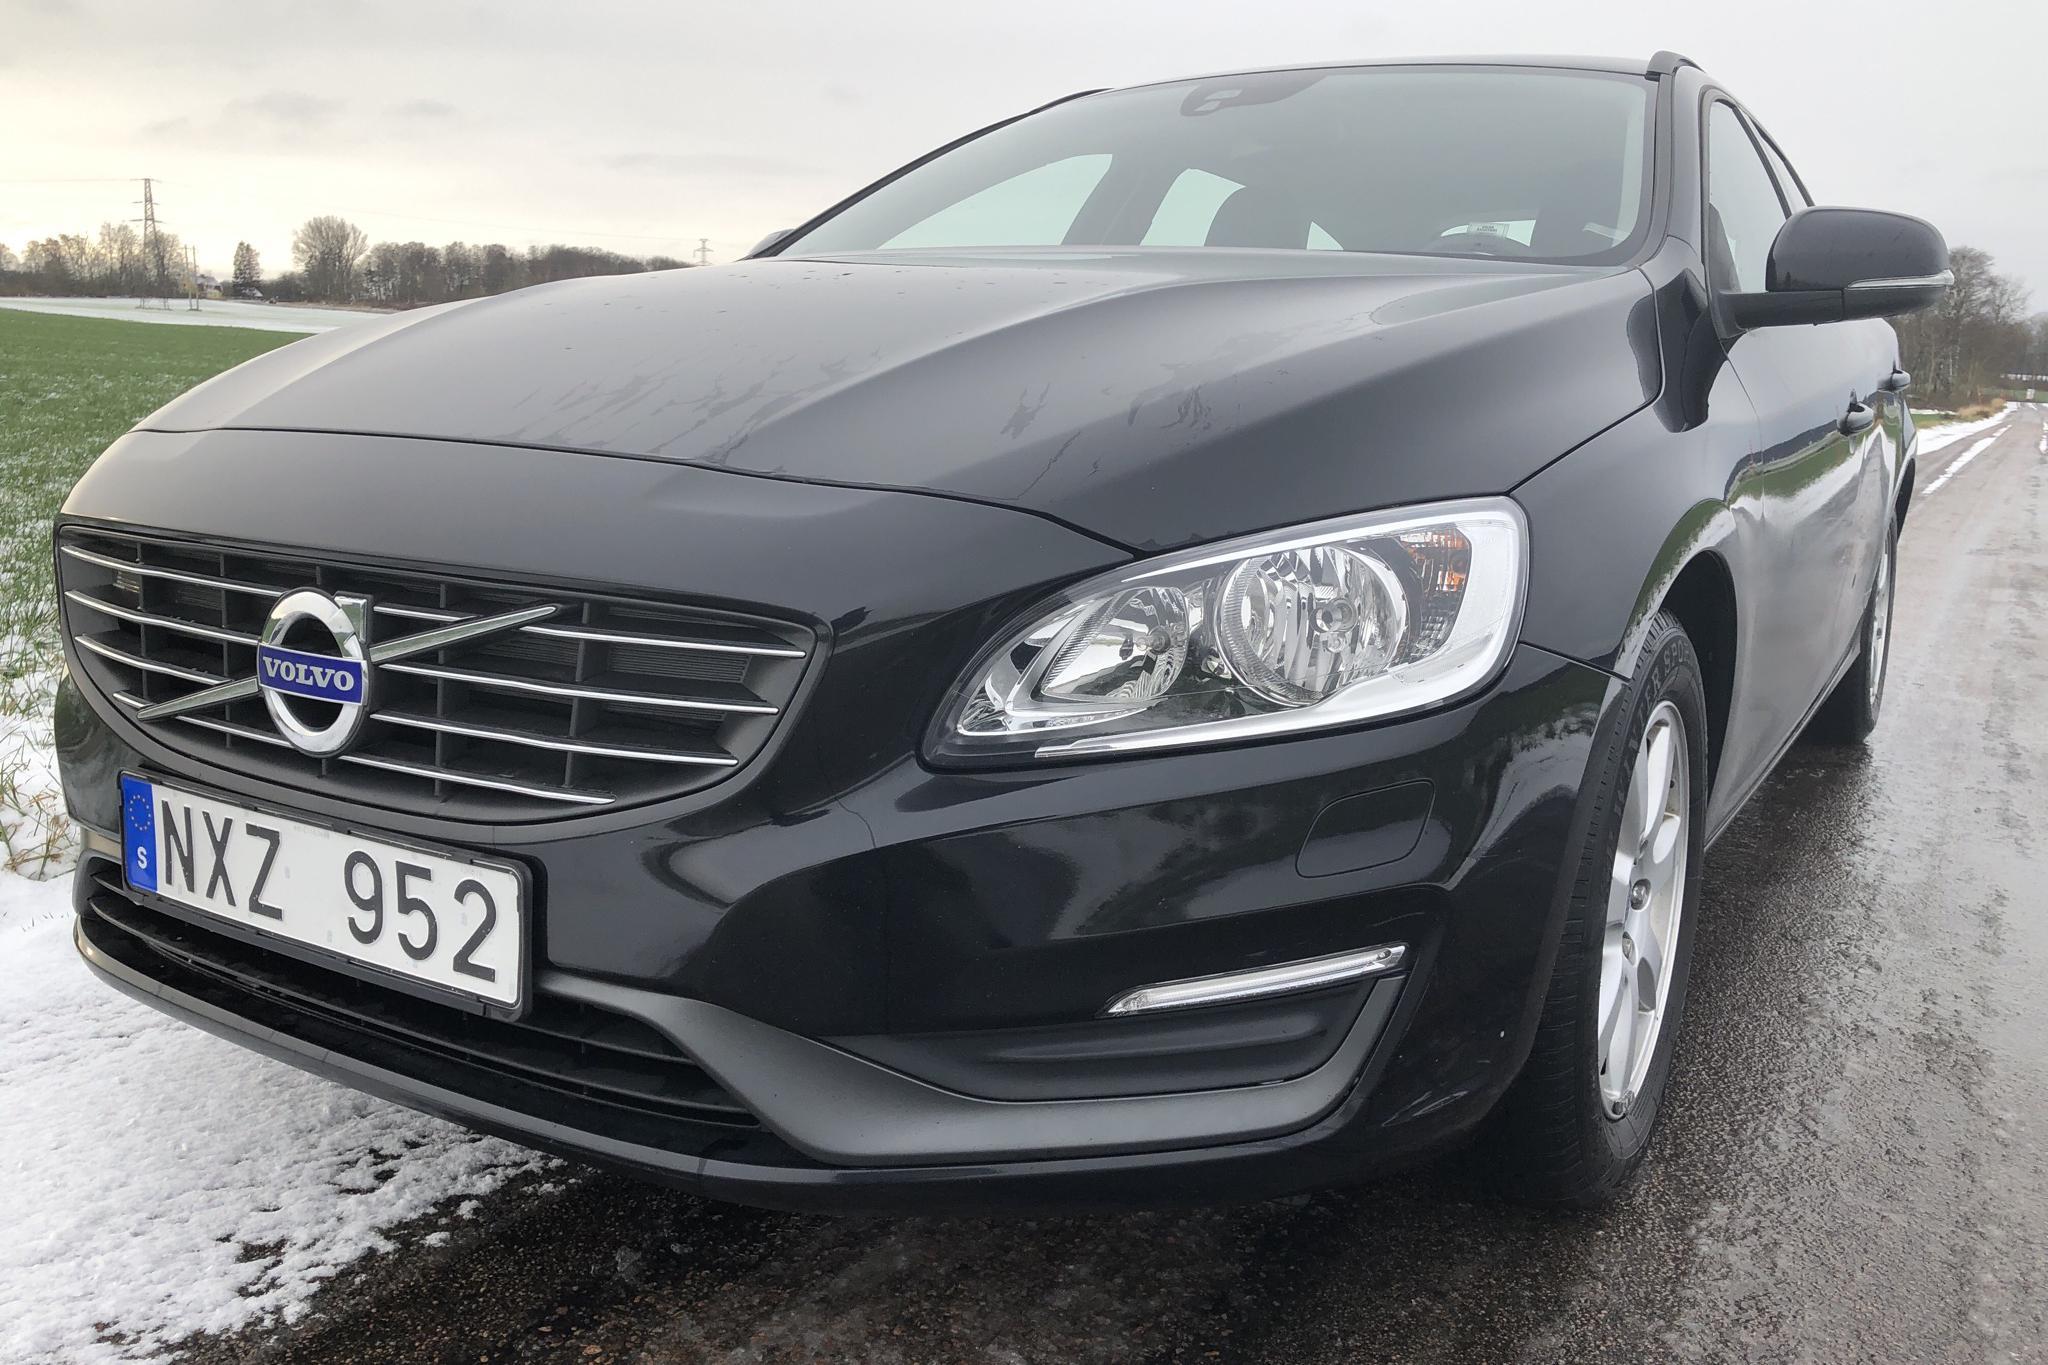 Volvo V60 D2 (115hk) - 128 930 km - Manual - black - 2014